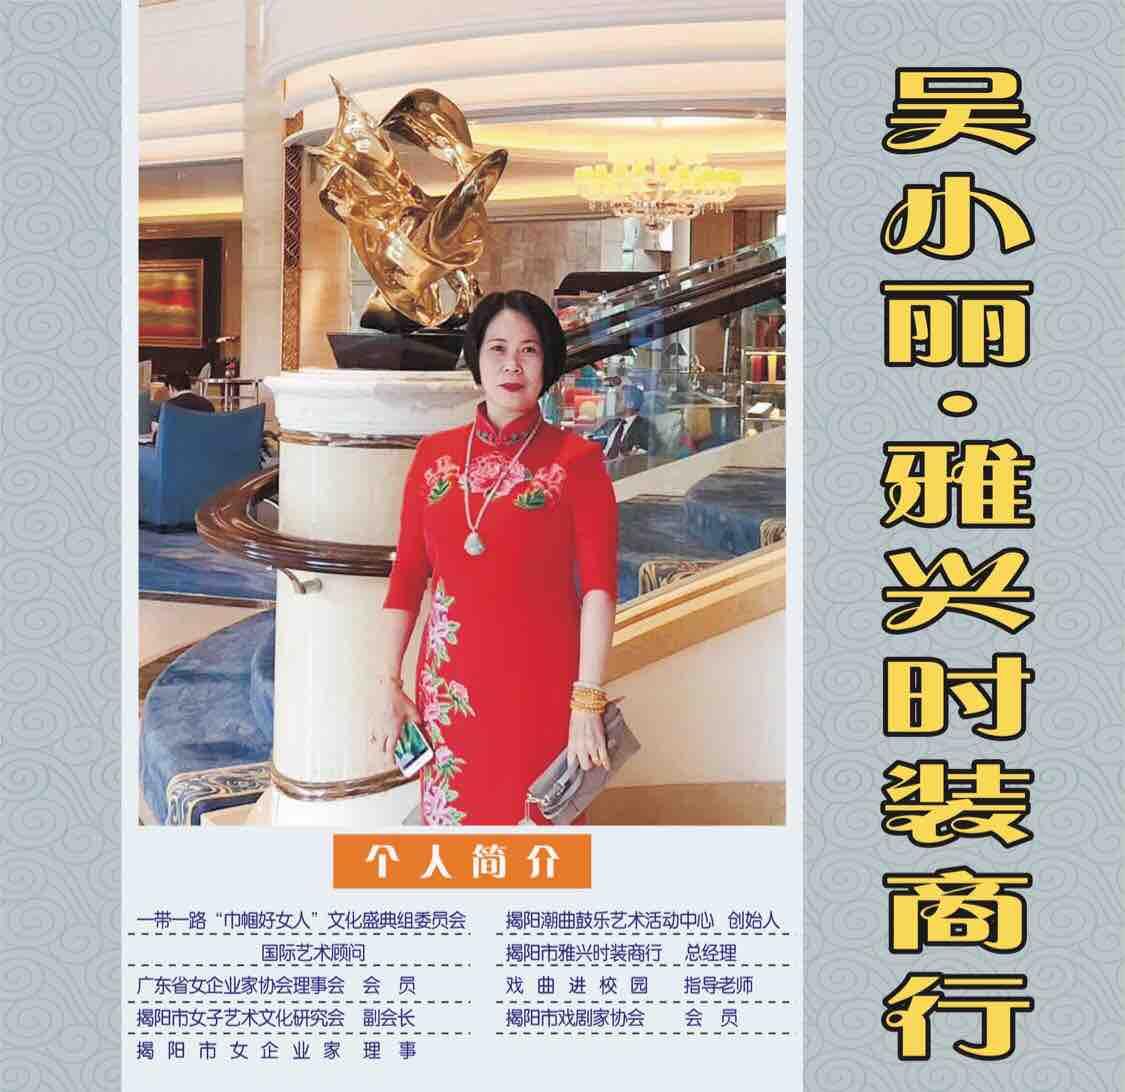 揭阳市弘扬潮剧文化中心